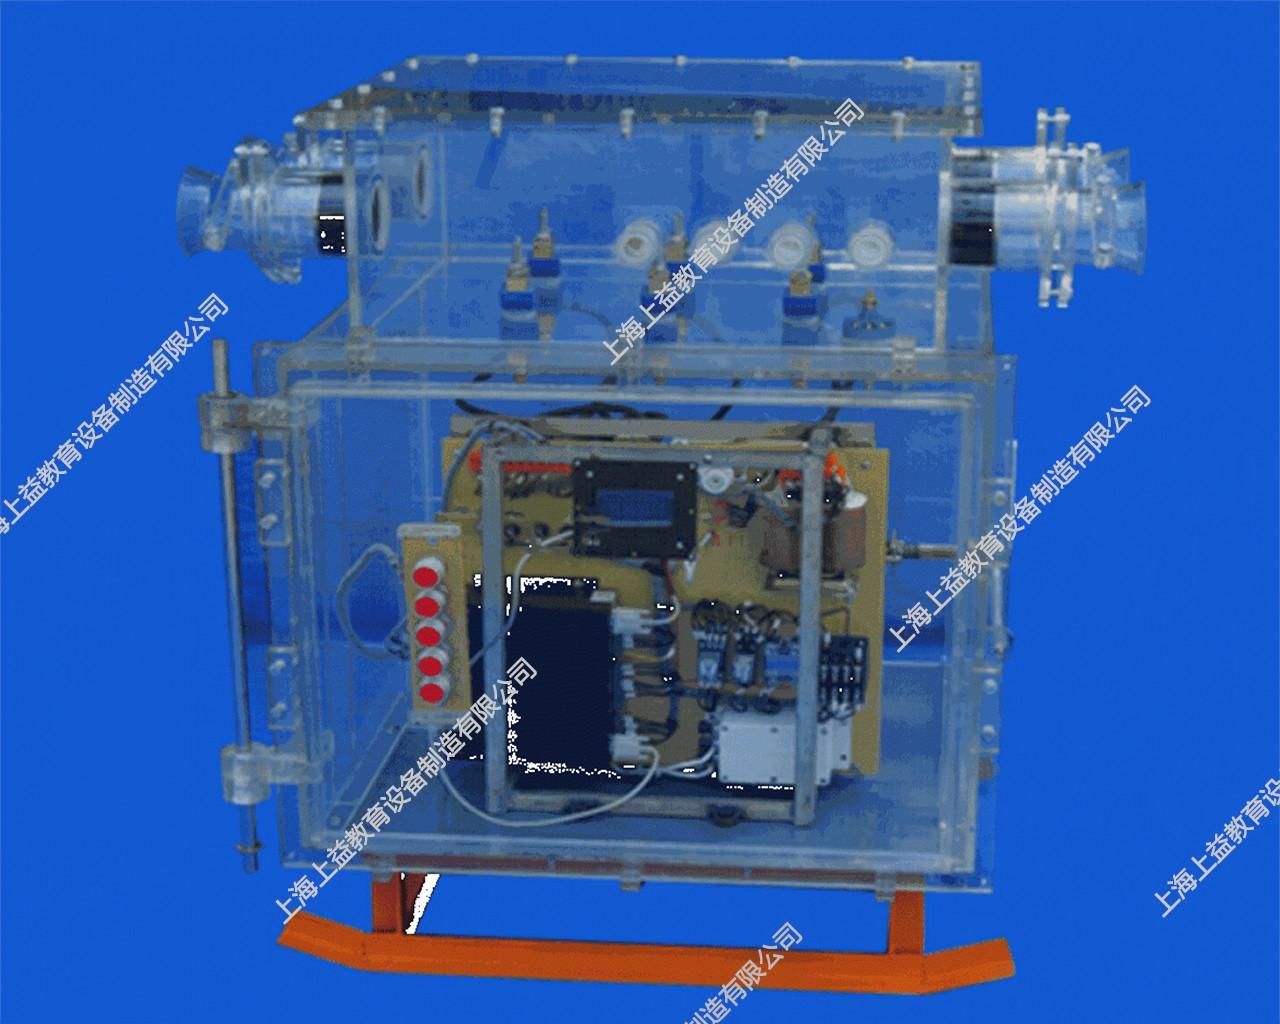 SYMAT-27煤矿风机矿用隔爆兼本质安全型双电源真空电磁起动器演示装置